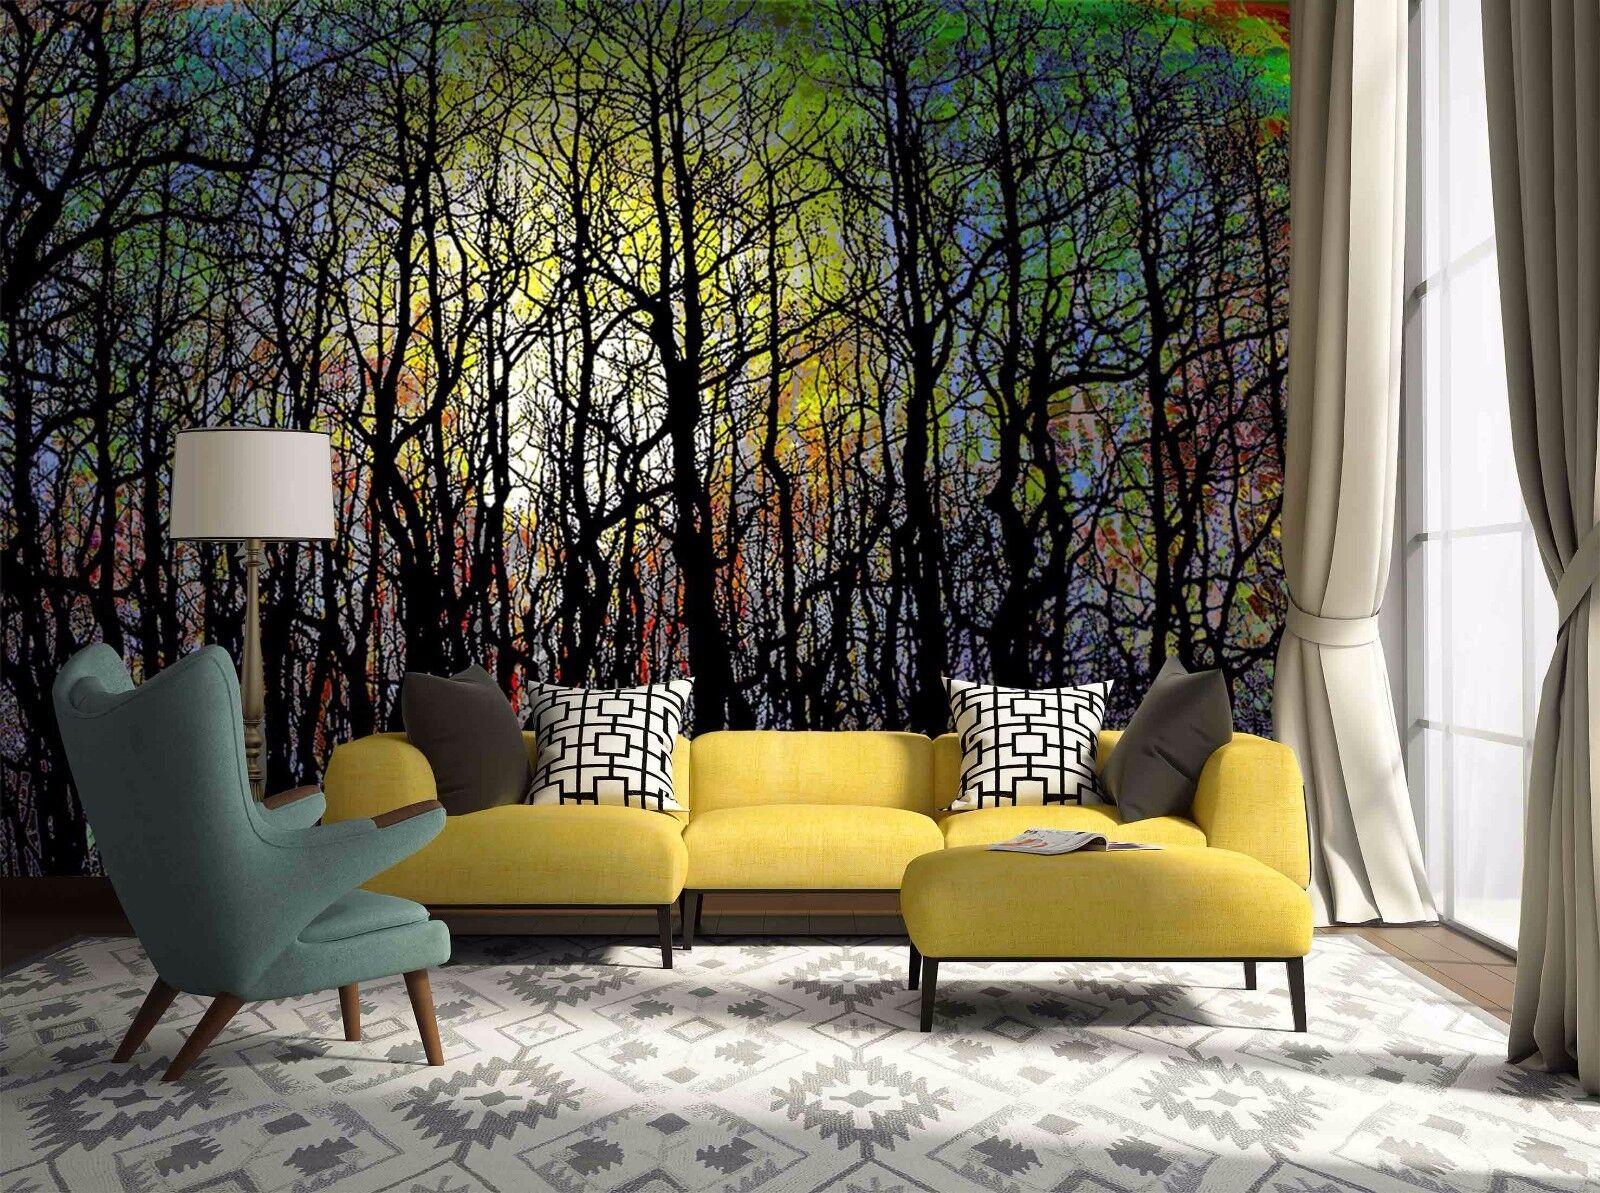 3D Mottled Shadows 35 Wallpaper Decal Dercor Home Kids Nursery Mural  Home